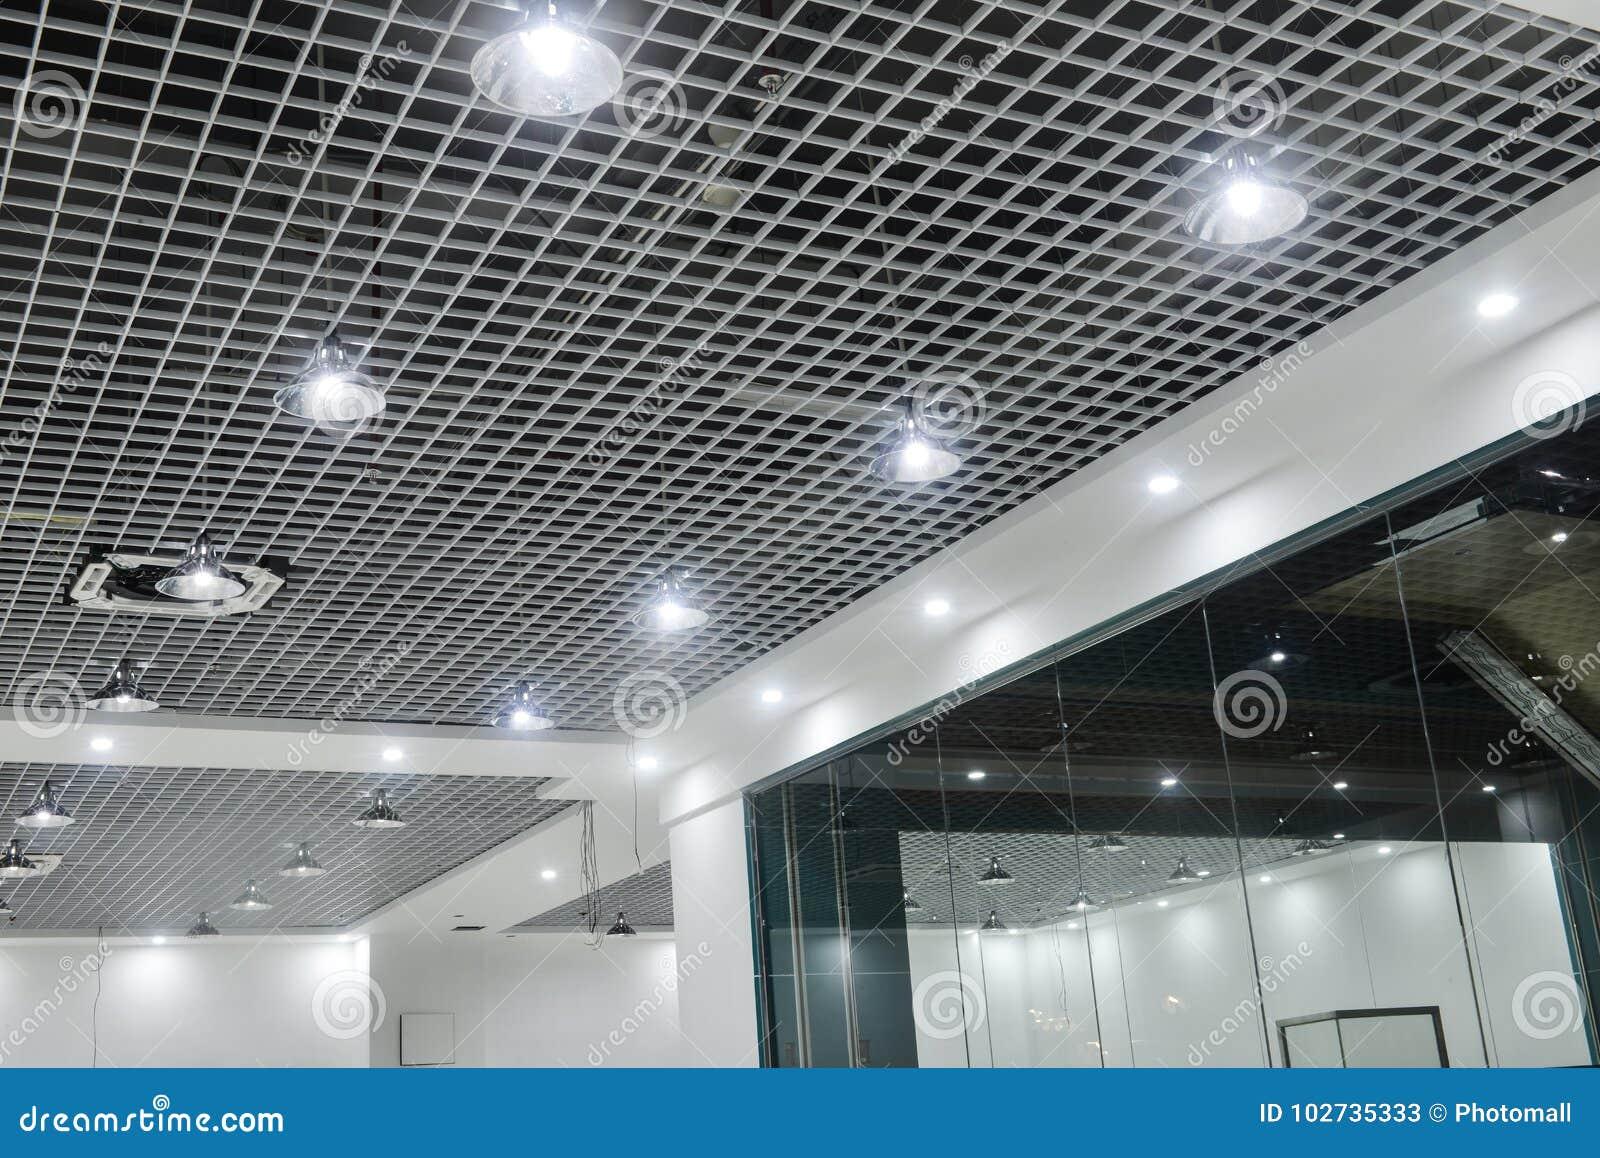 Plafoniere Quadrate Soffitto : Plafoniere principali sul soffitto commerciale moderno della